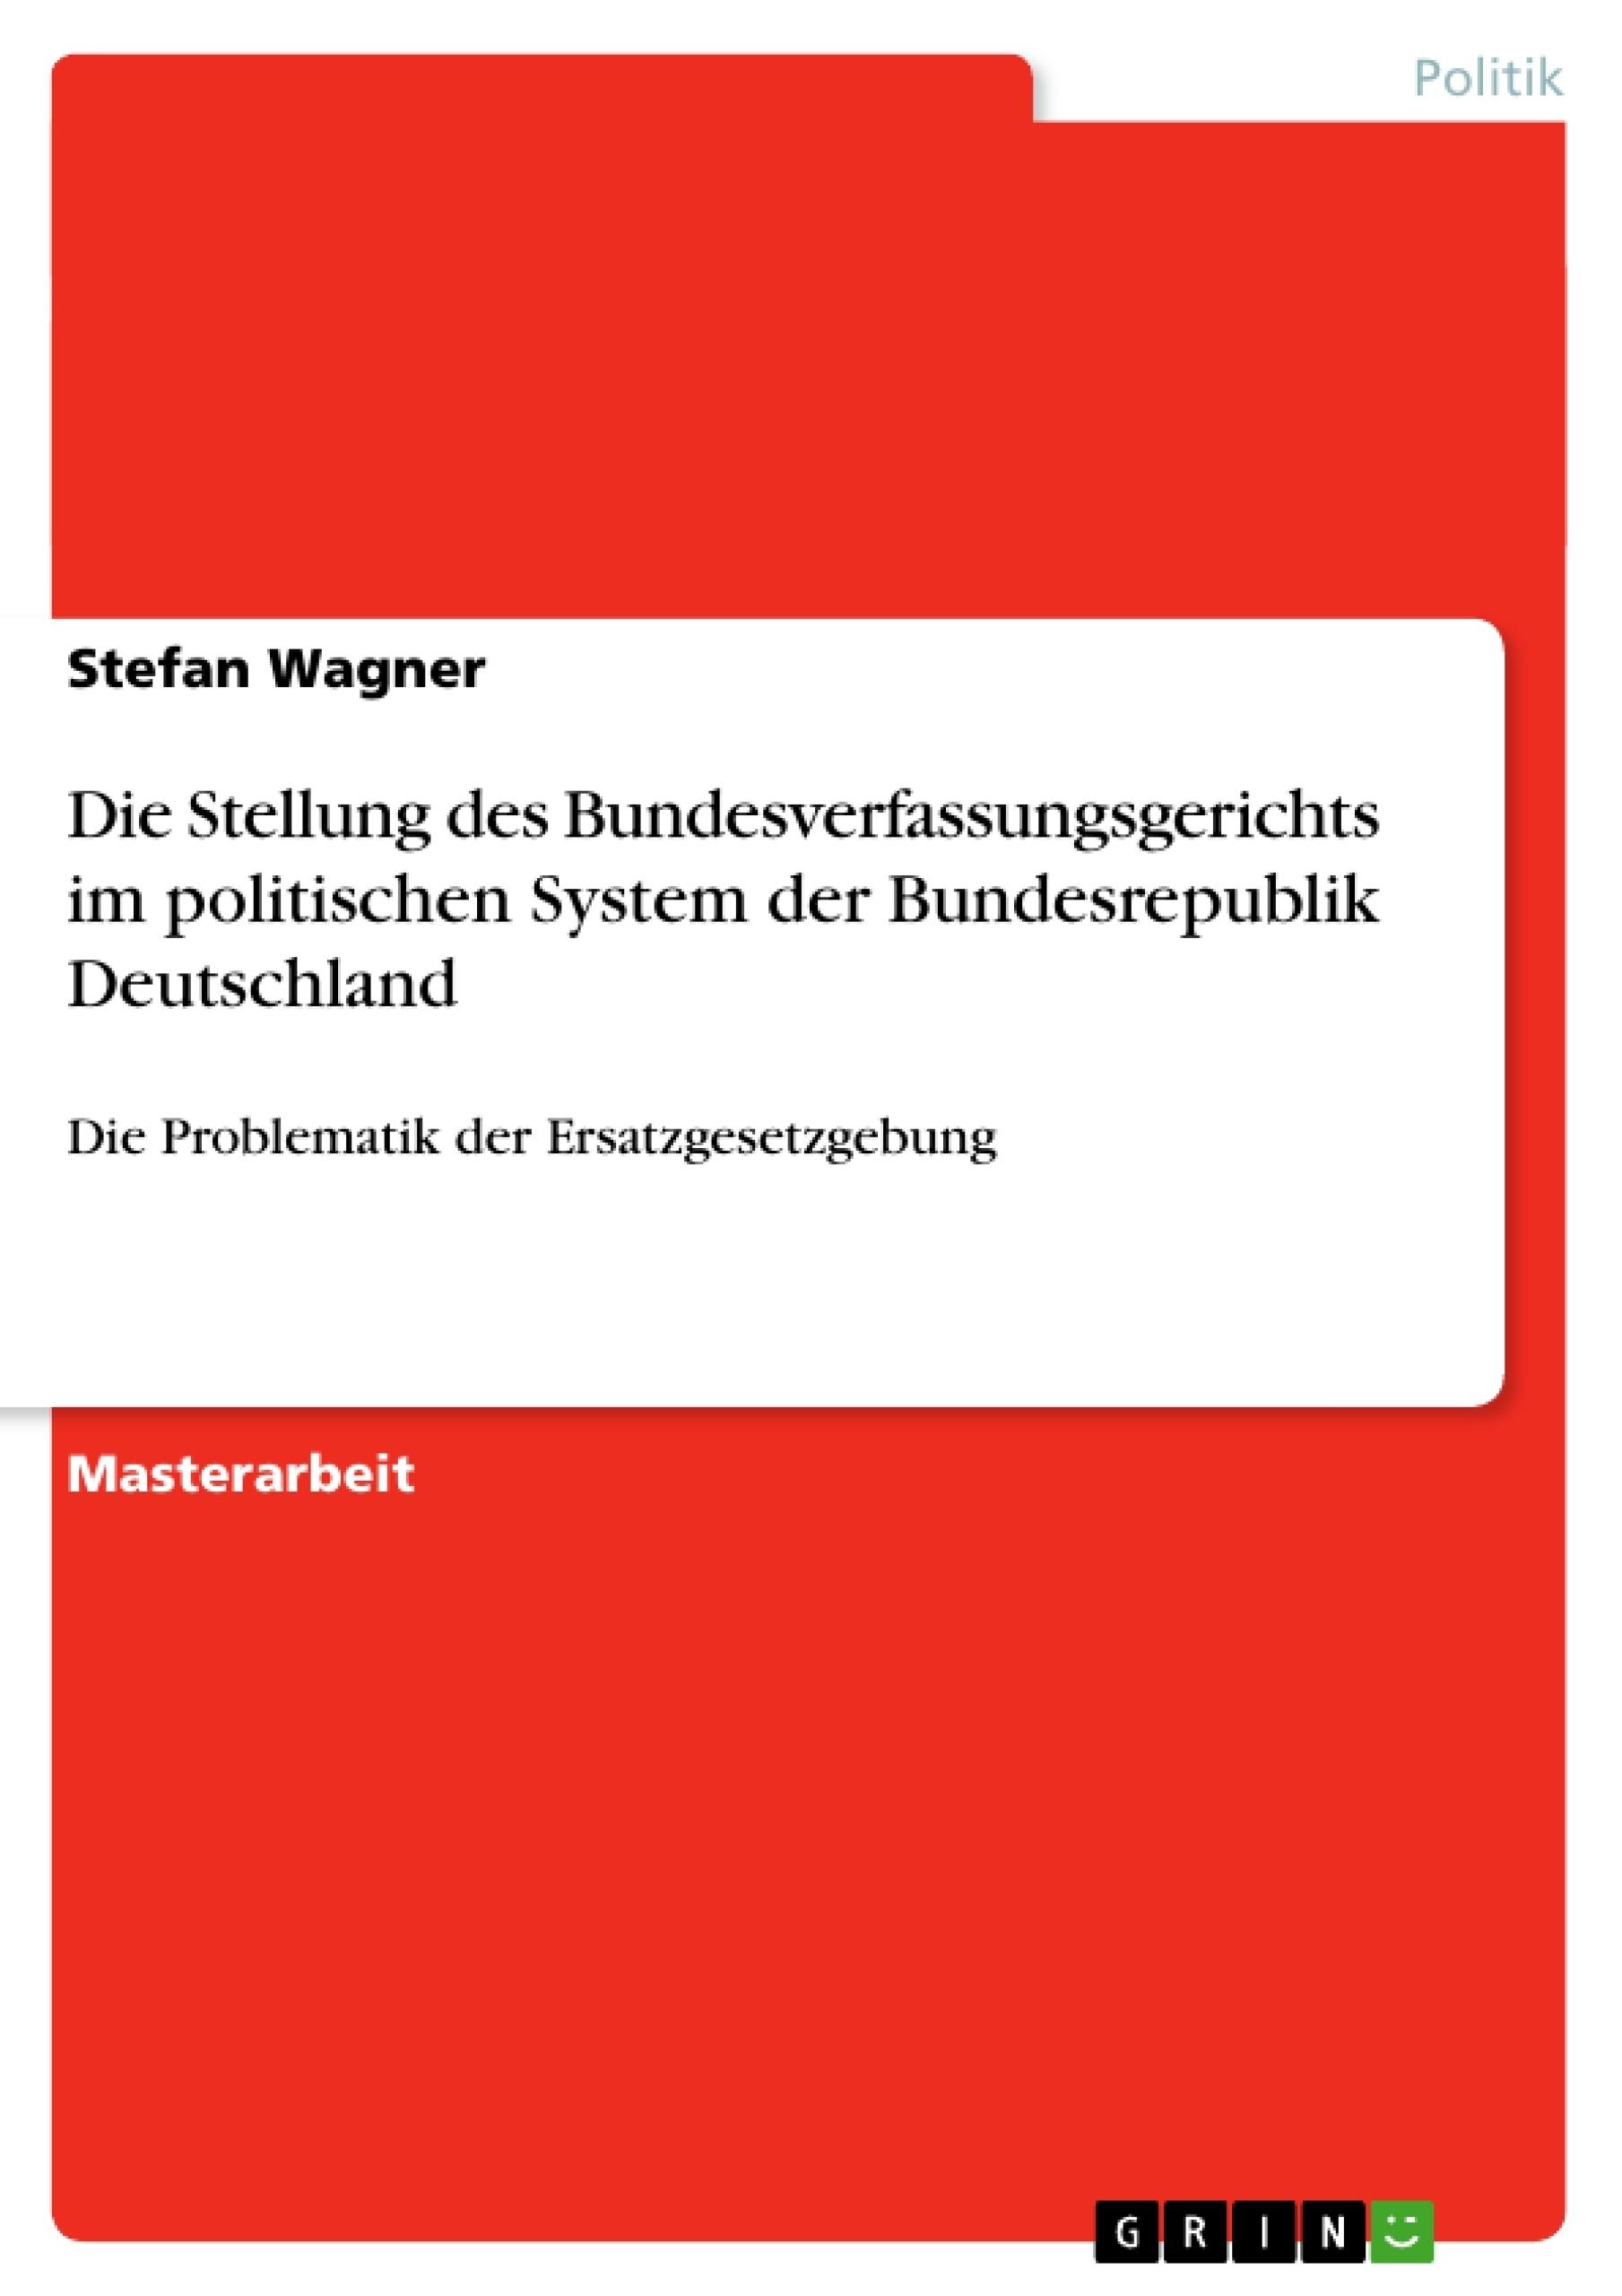 Titel: Die Stellung des Bundesverfassungsgerichts im politischen System der Bundesrepublik Deutschland